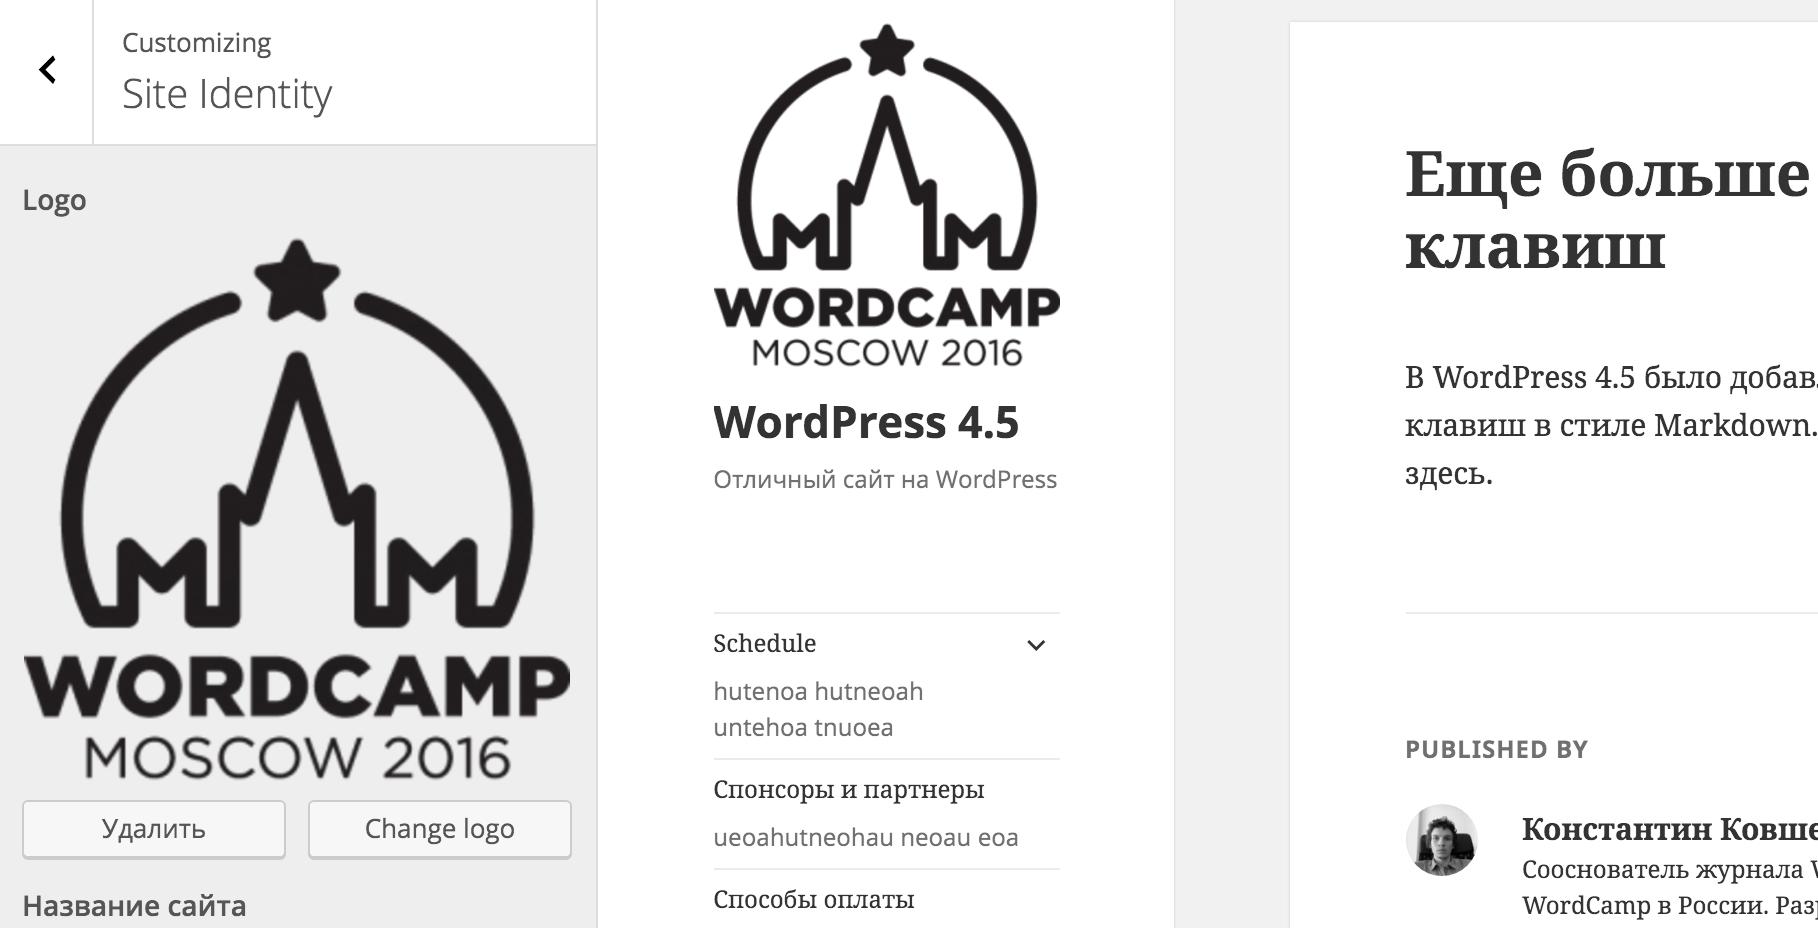 Вставка логотипа в WordPress 4.5